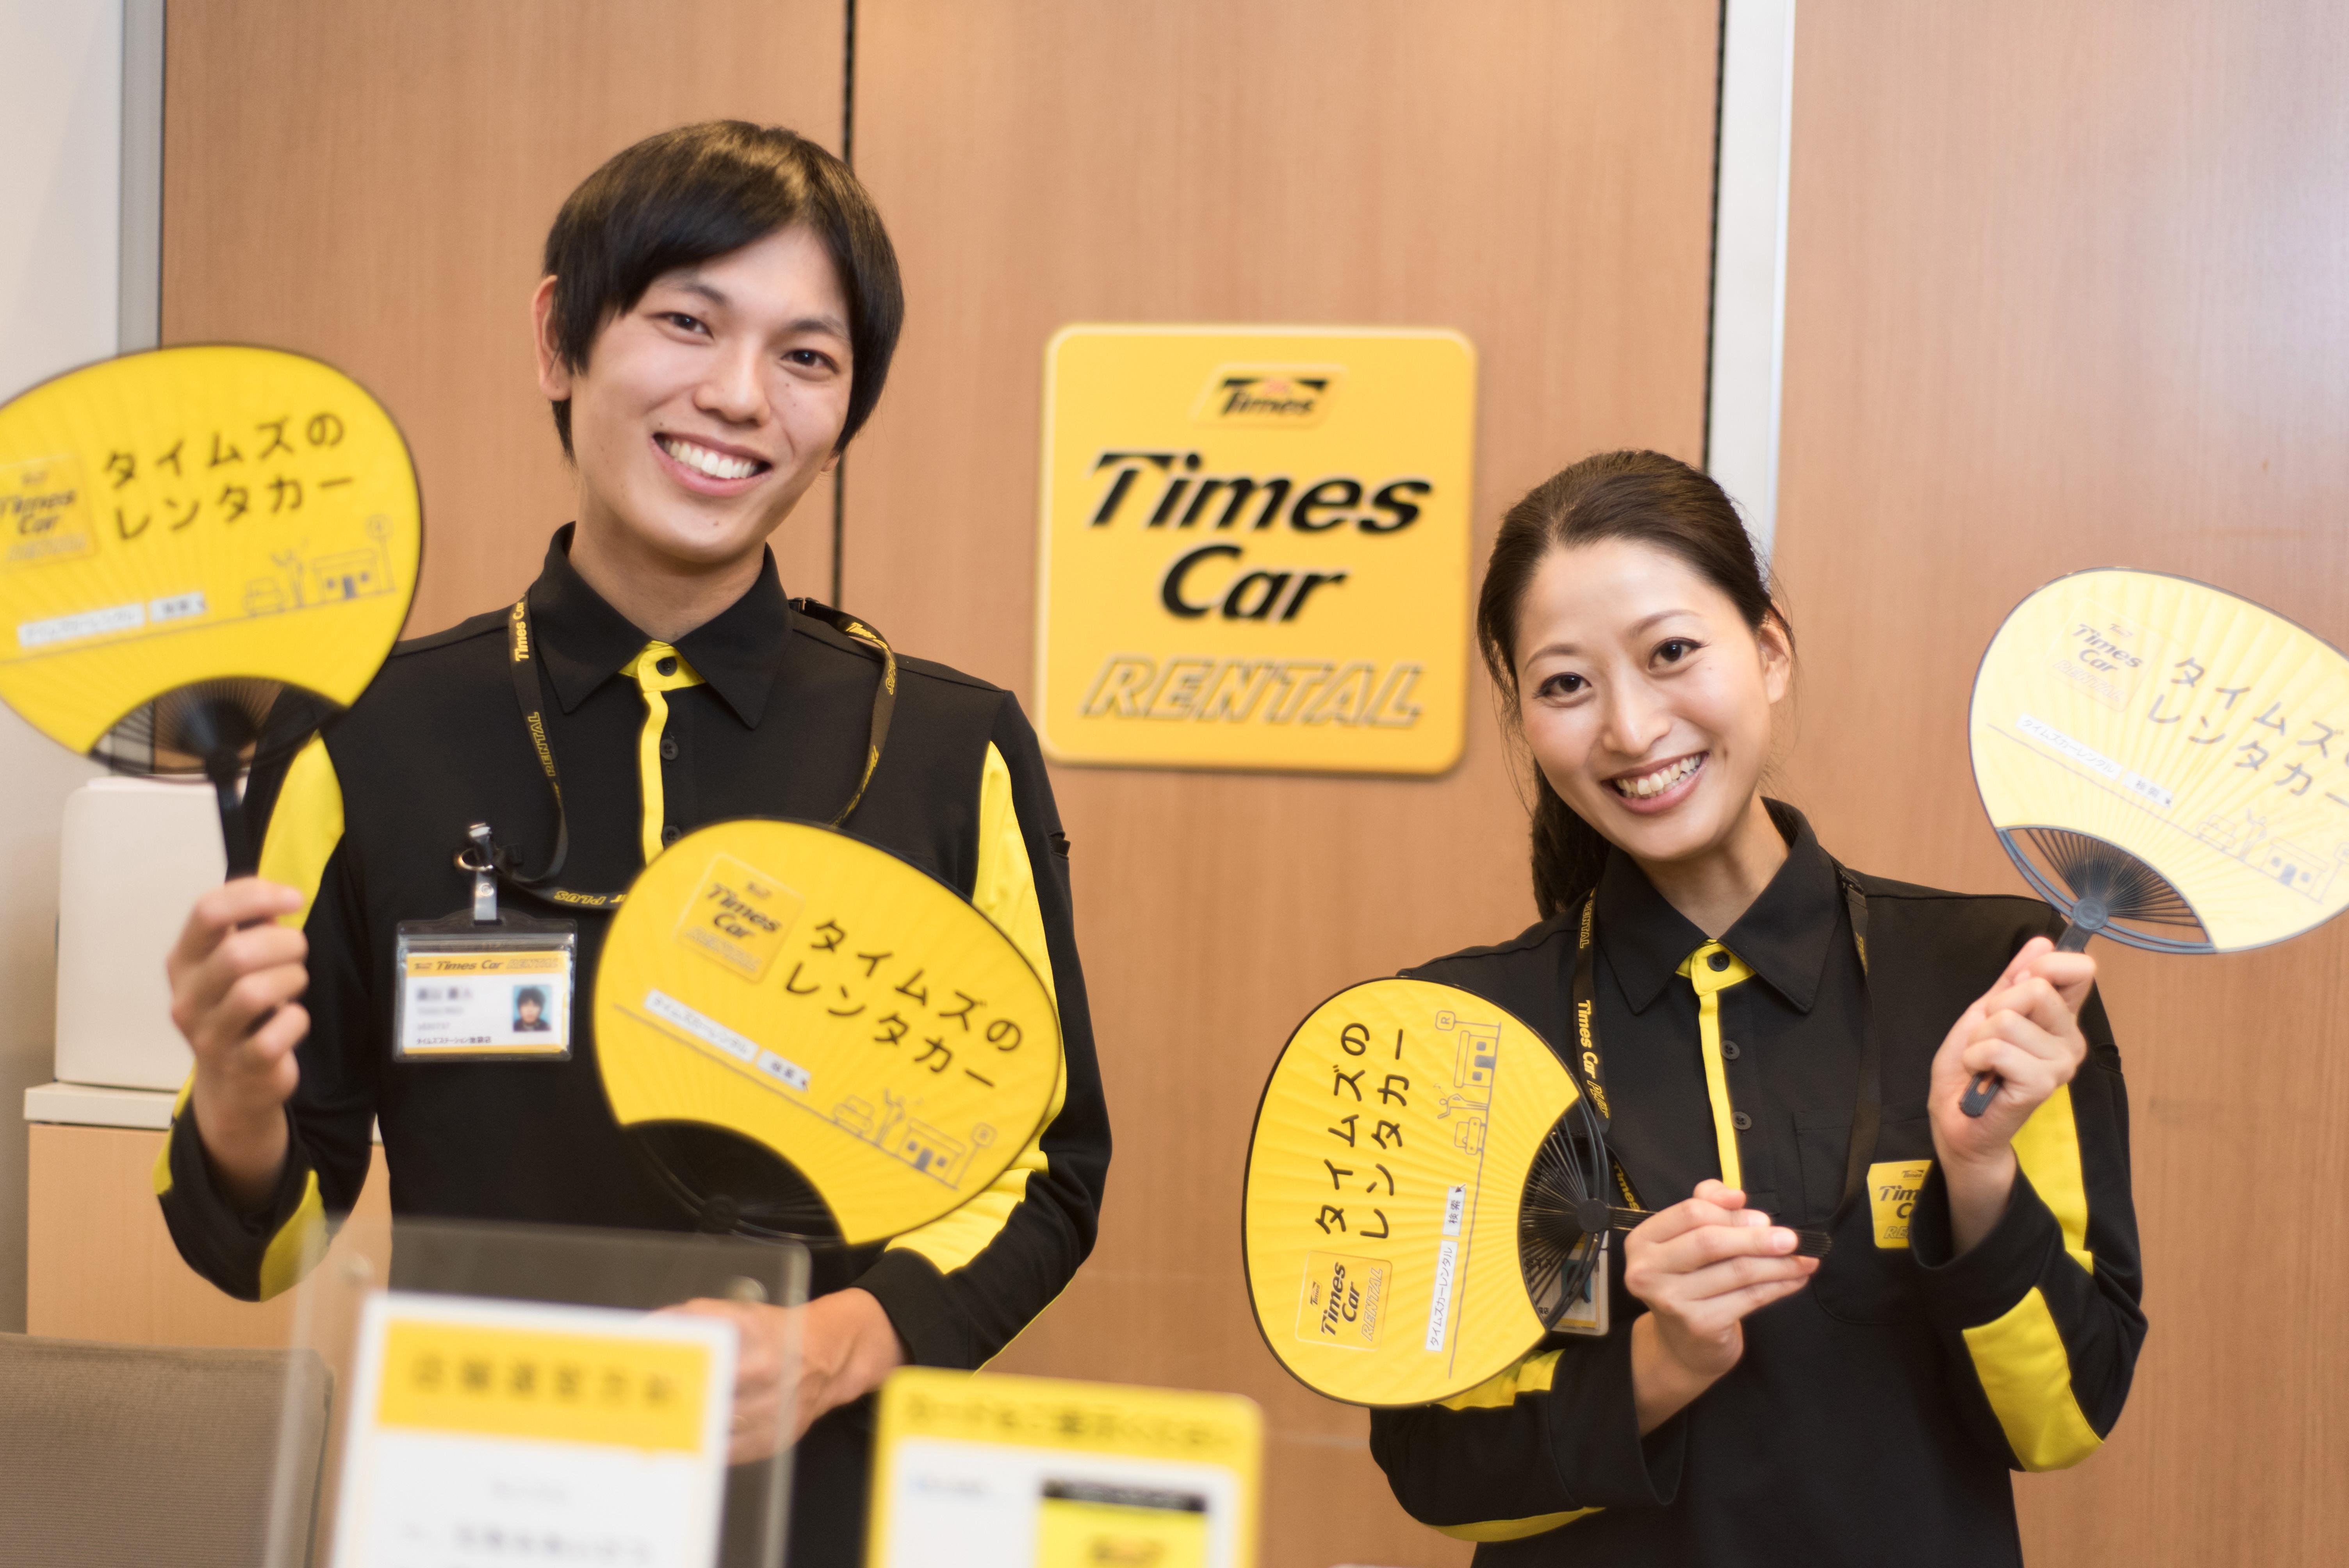 タイムズカーレンタル 札幌中島公園店 受付&洗車・回送スタッフのアルバイト情報